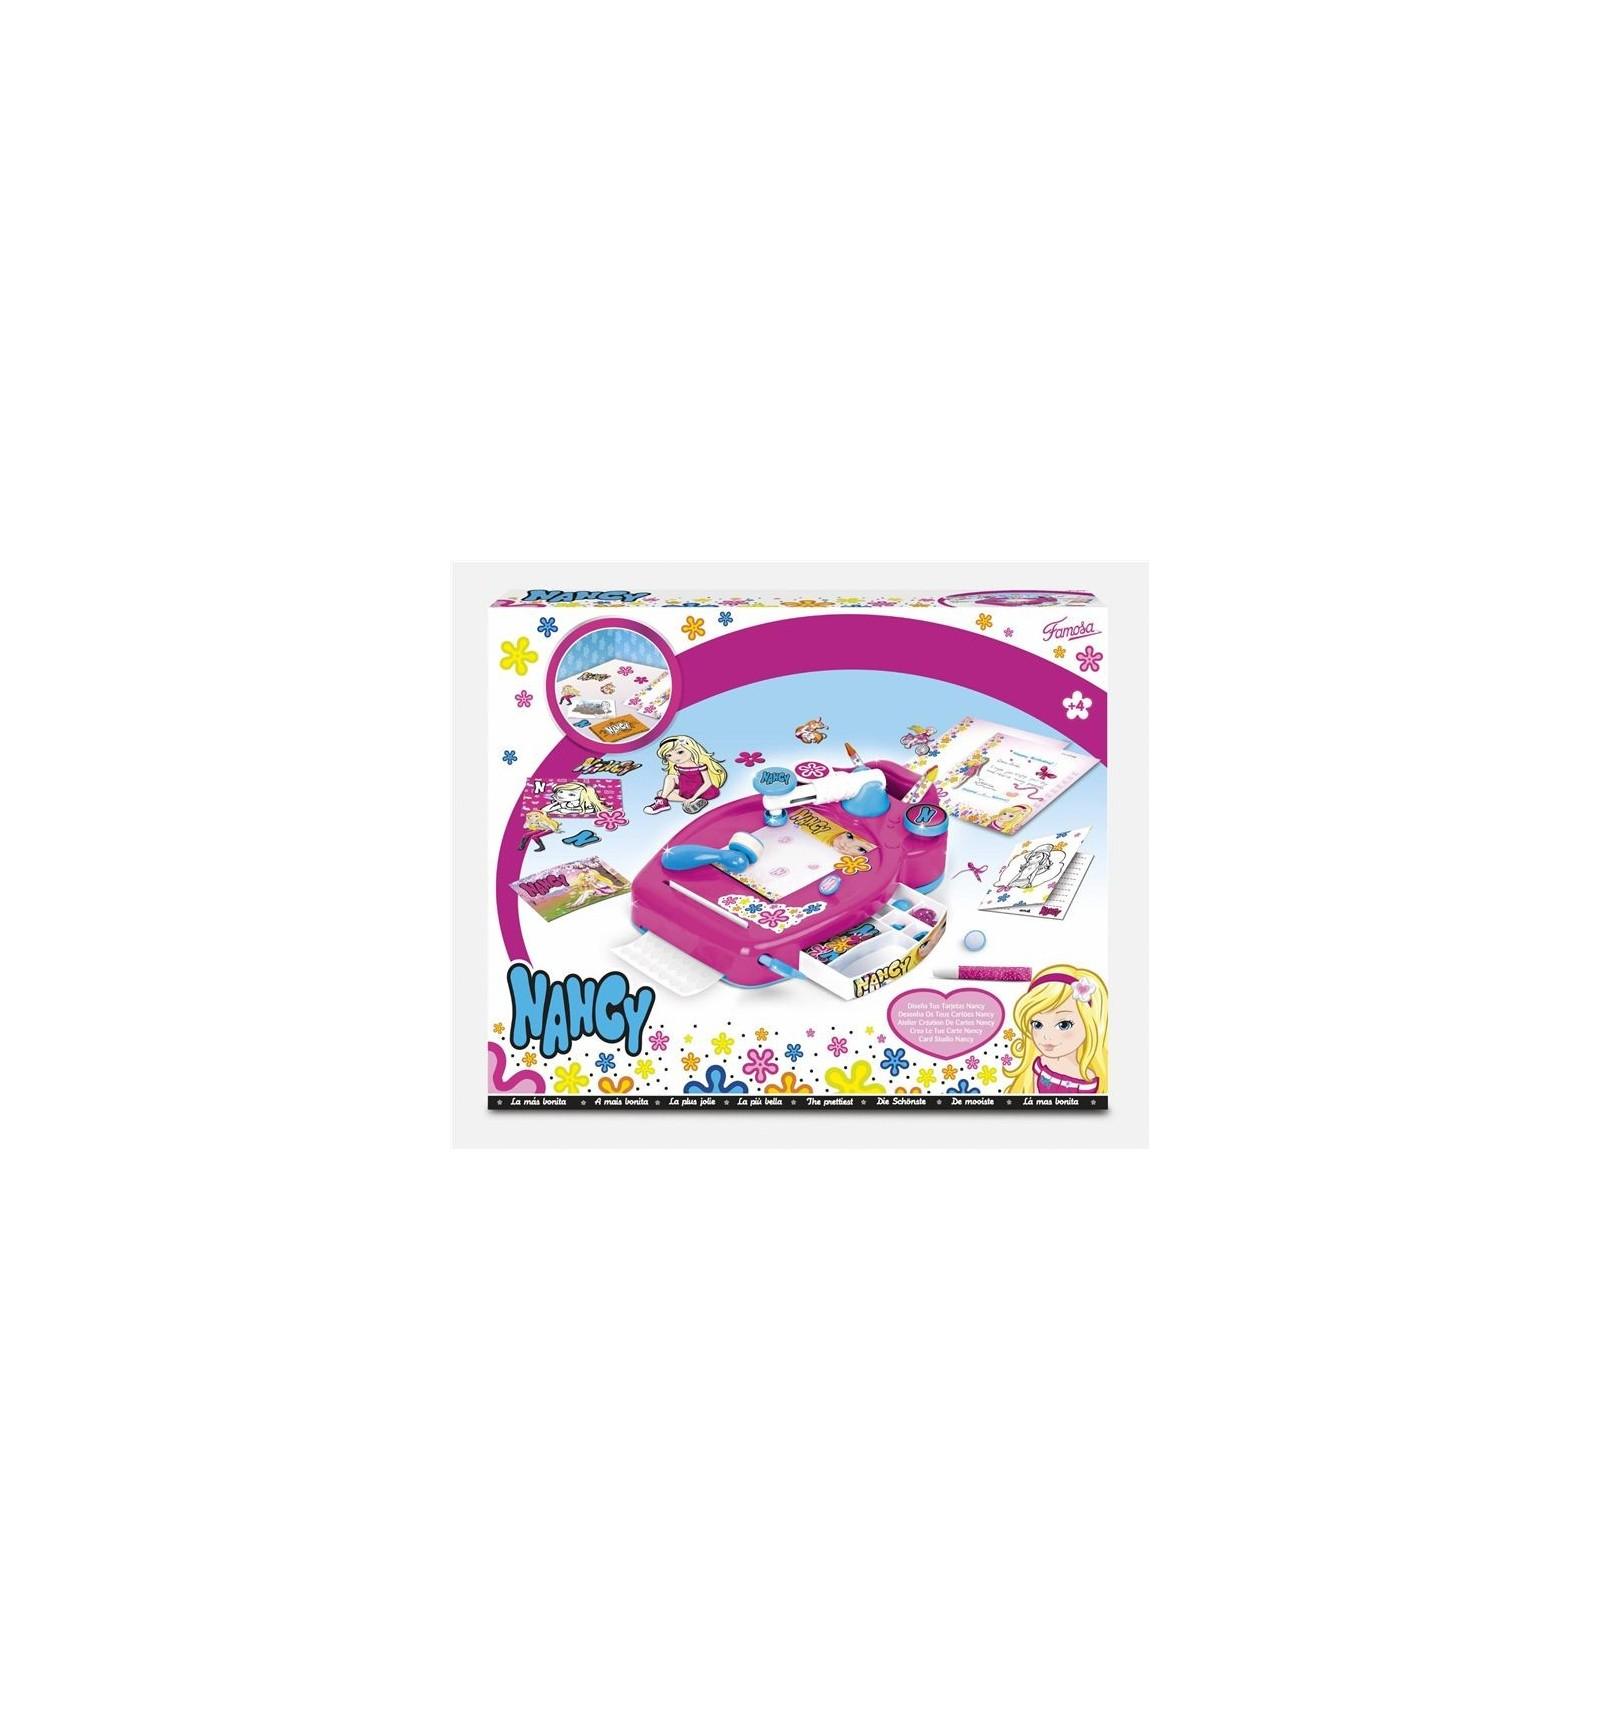 Nancy studio dise a tus tarjetas 2895 inicio ra z palacio del juguete - Disena studio ...